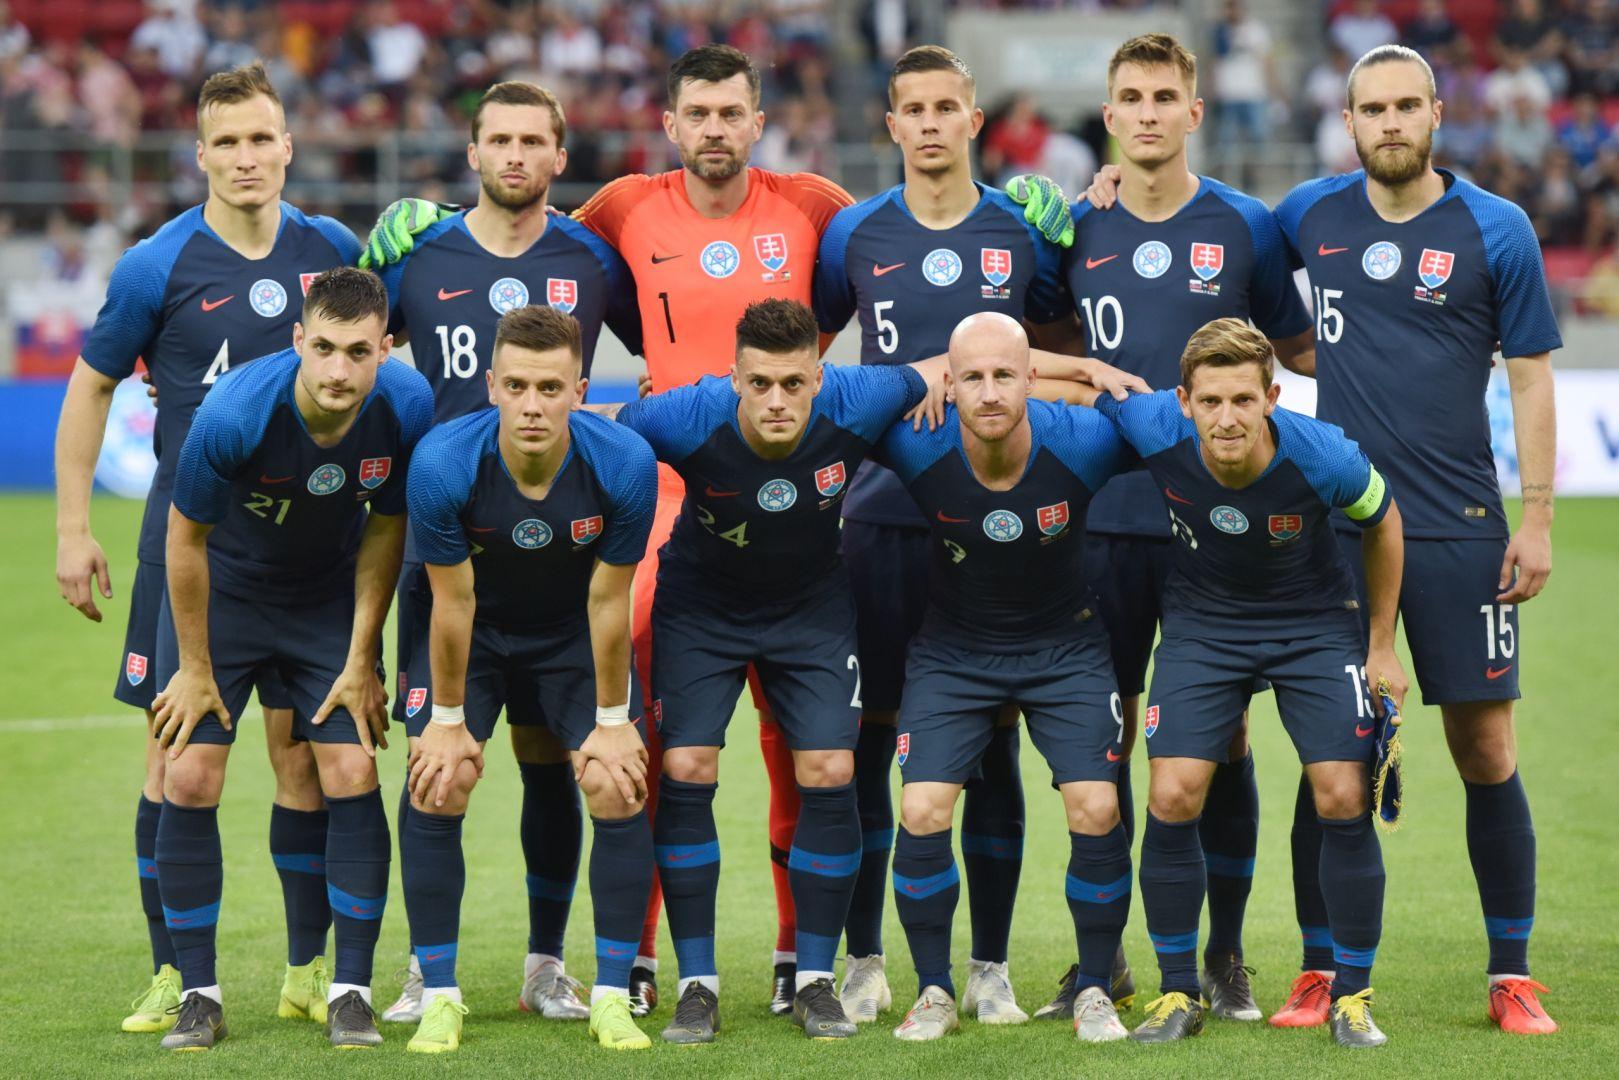 c184709da21fb Slovenskí futbaloví reprezentanti zvíťazili nad tímom Jordánska 5:1 v  piatkovom medzištátnom prípravnom stretnutí v Trnave. Na Štadióne Antona  Malatinského ...